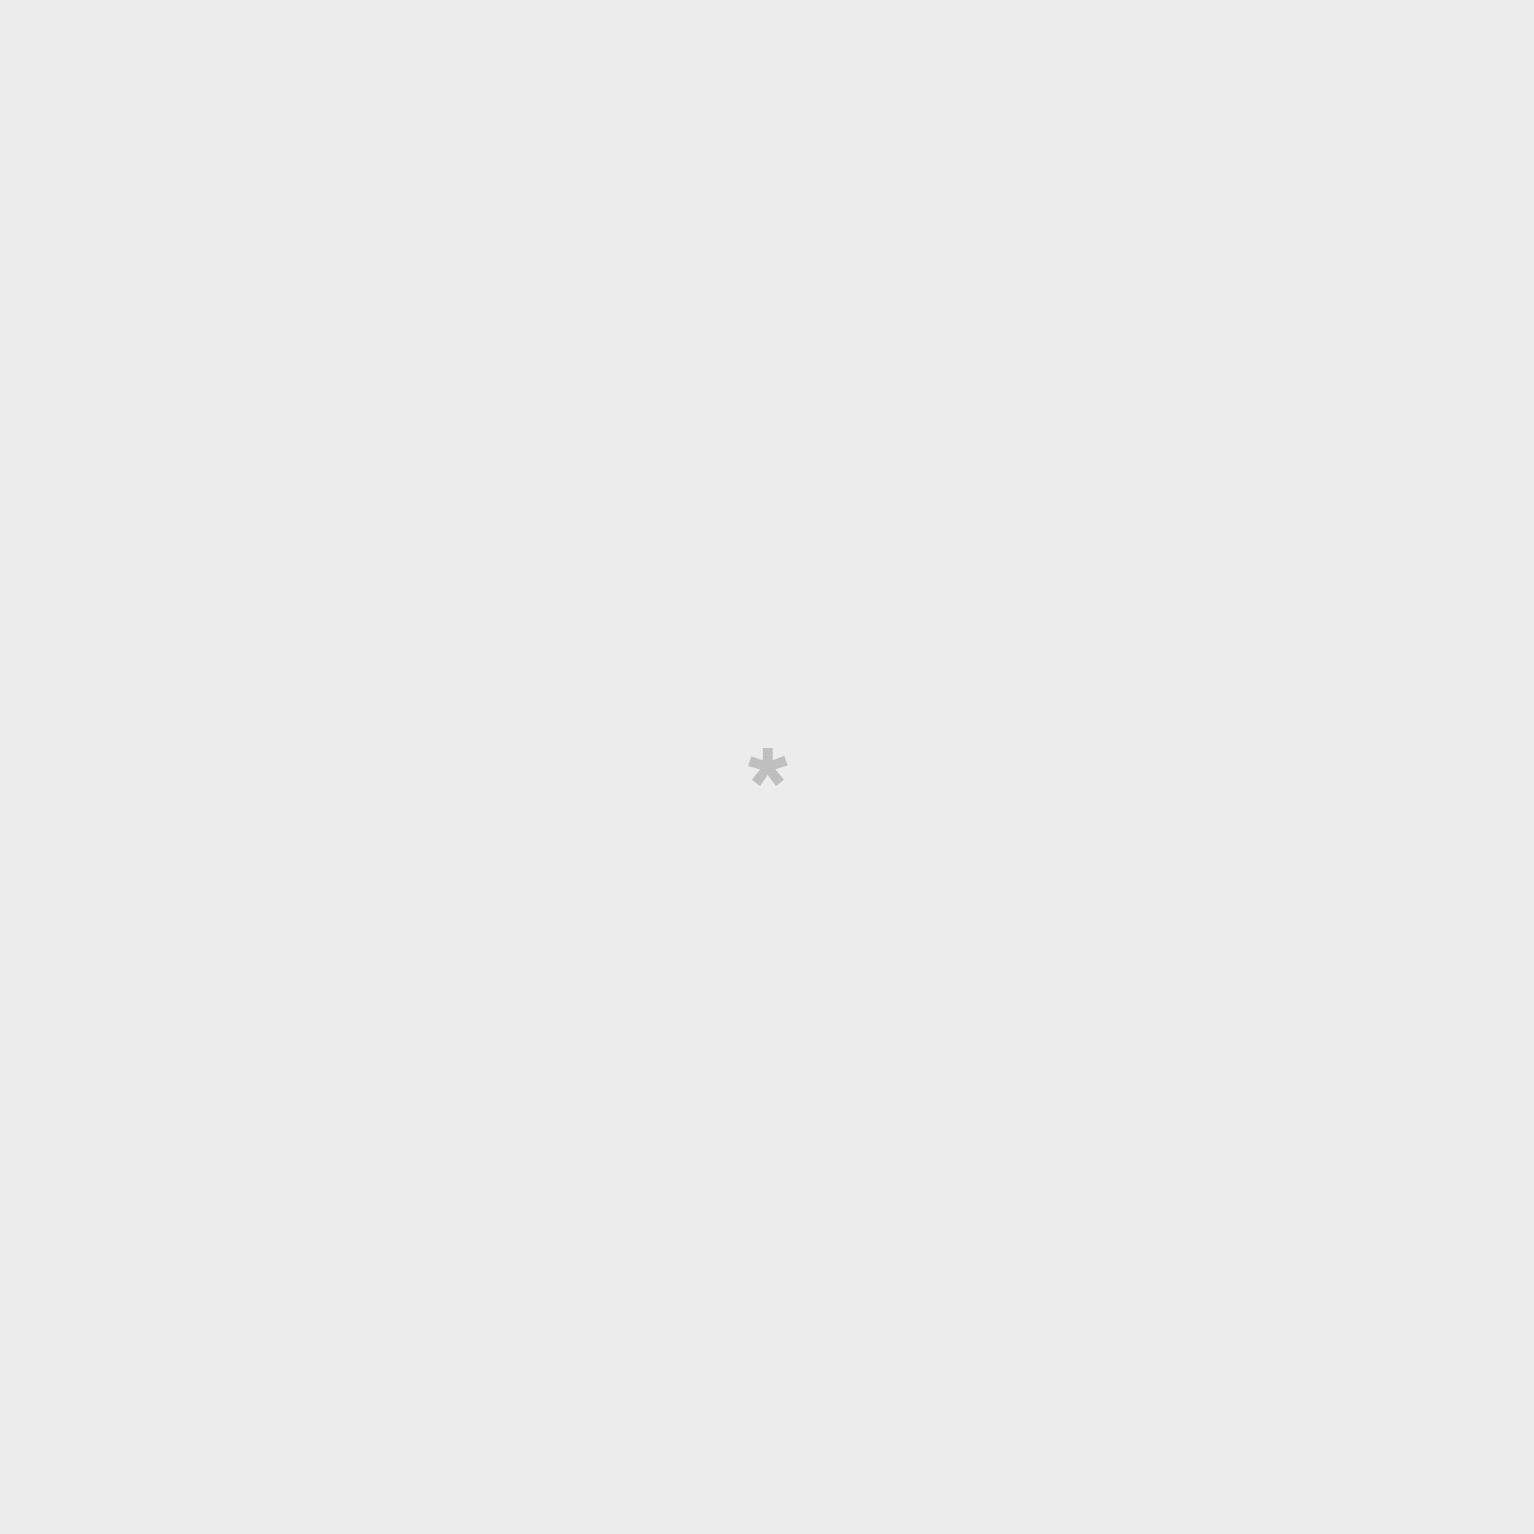 Album di foto - I miei viaggi indimenticabili sono qui dentro